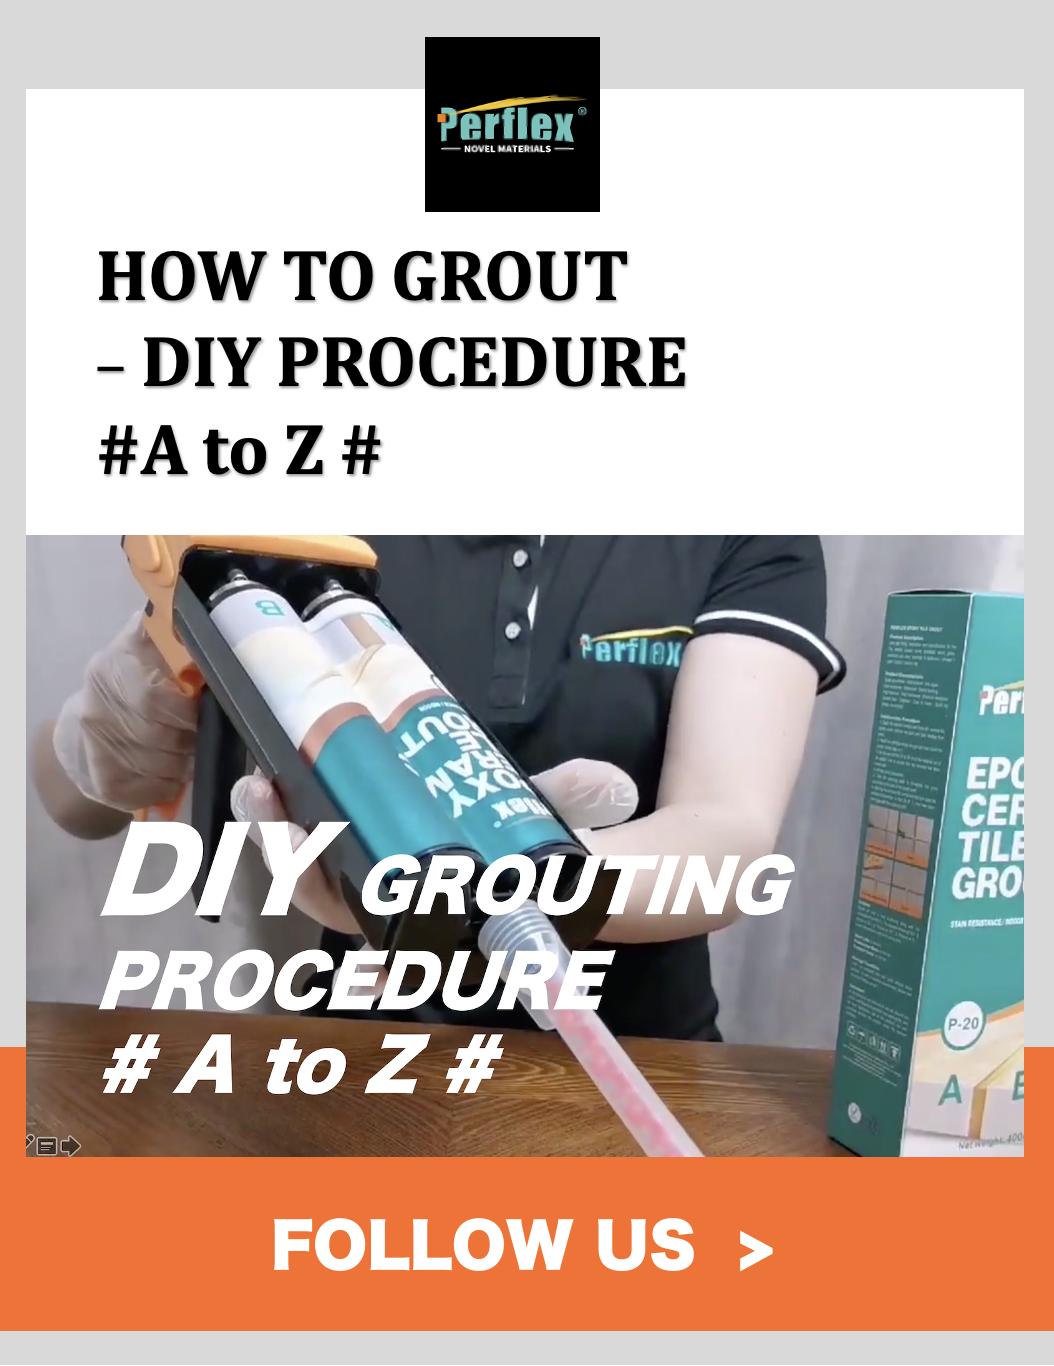 Easy Diy Grouting Perflex Cartridge Tile Grout A To Z Diy Grout Tile Grout Diy Tile